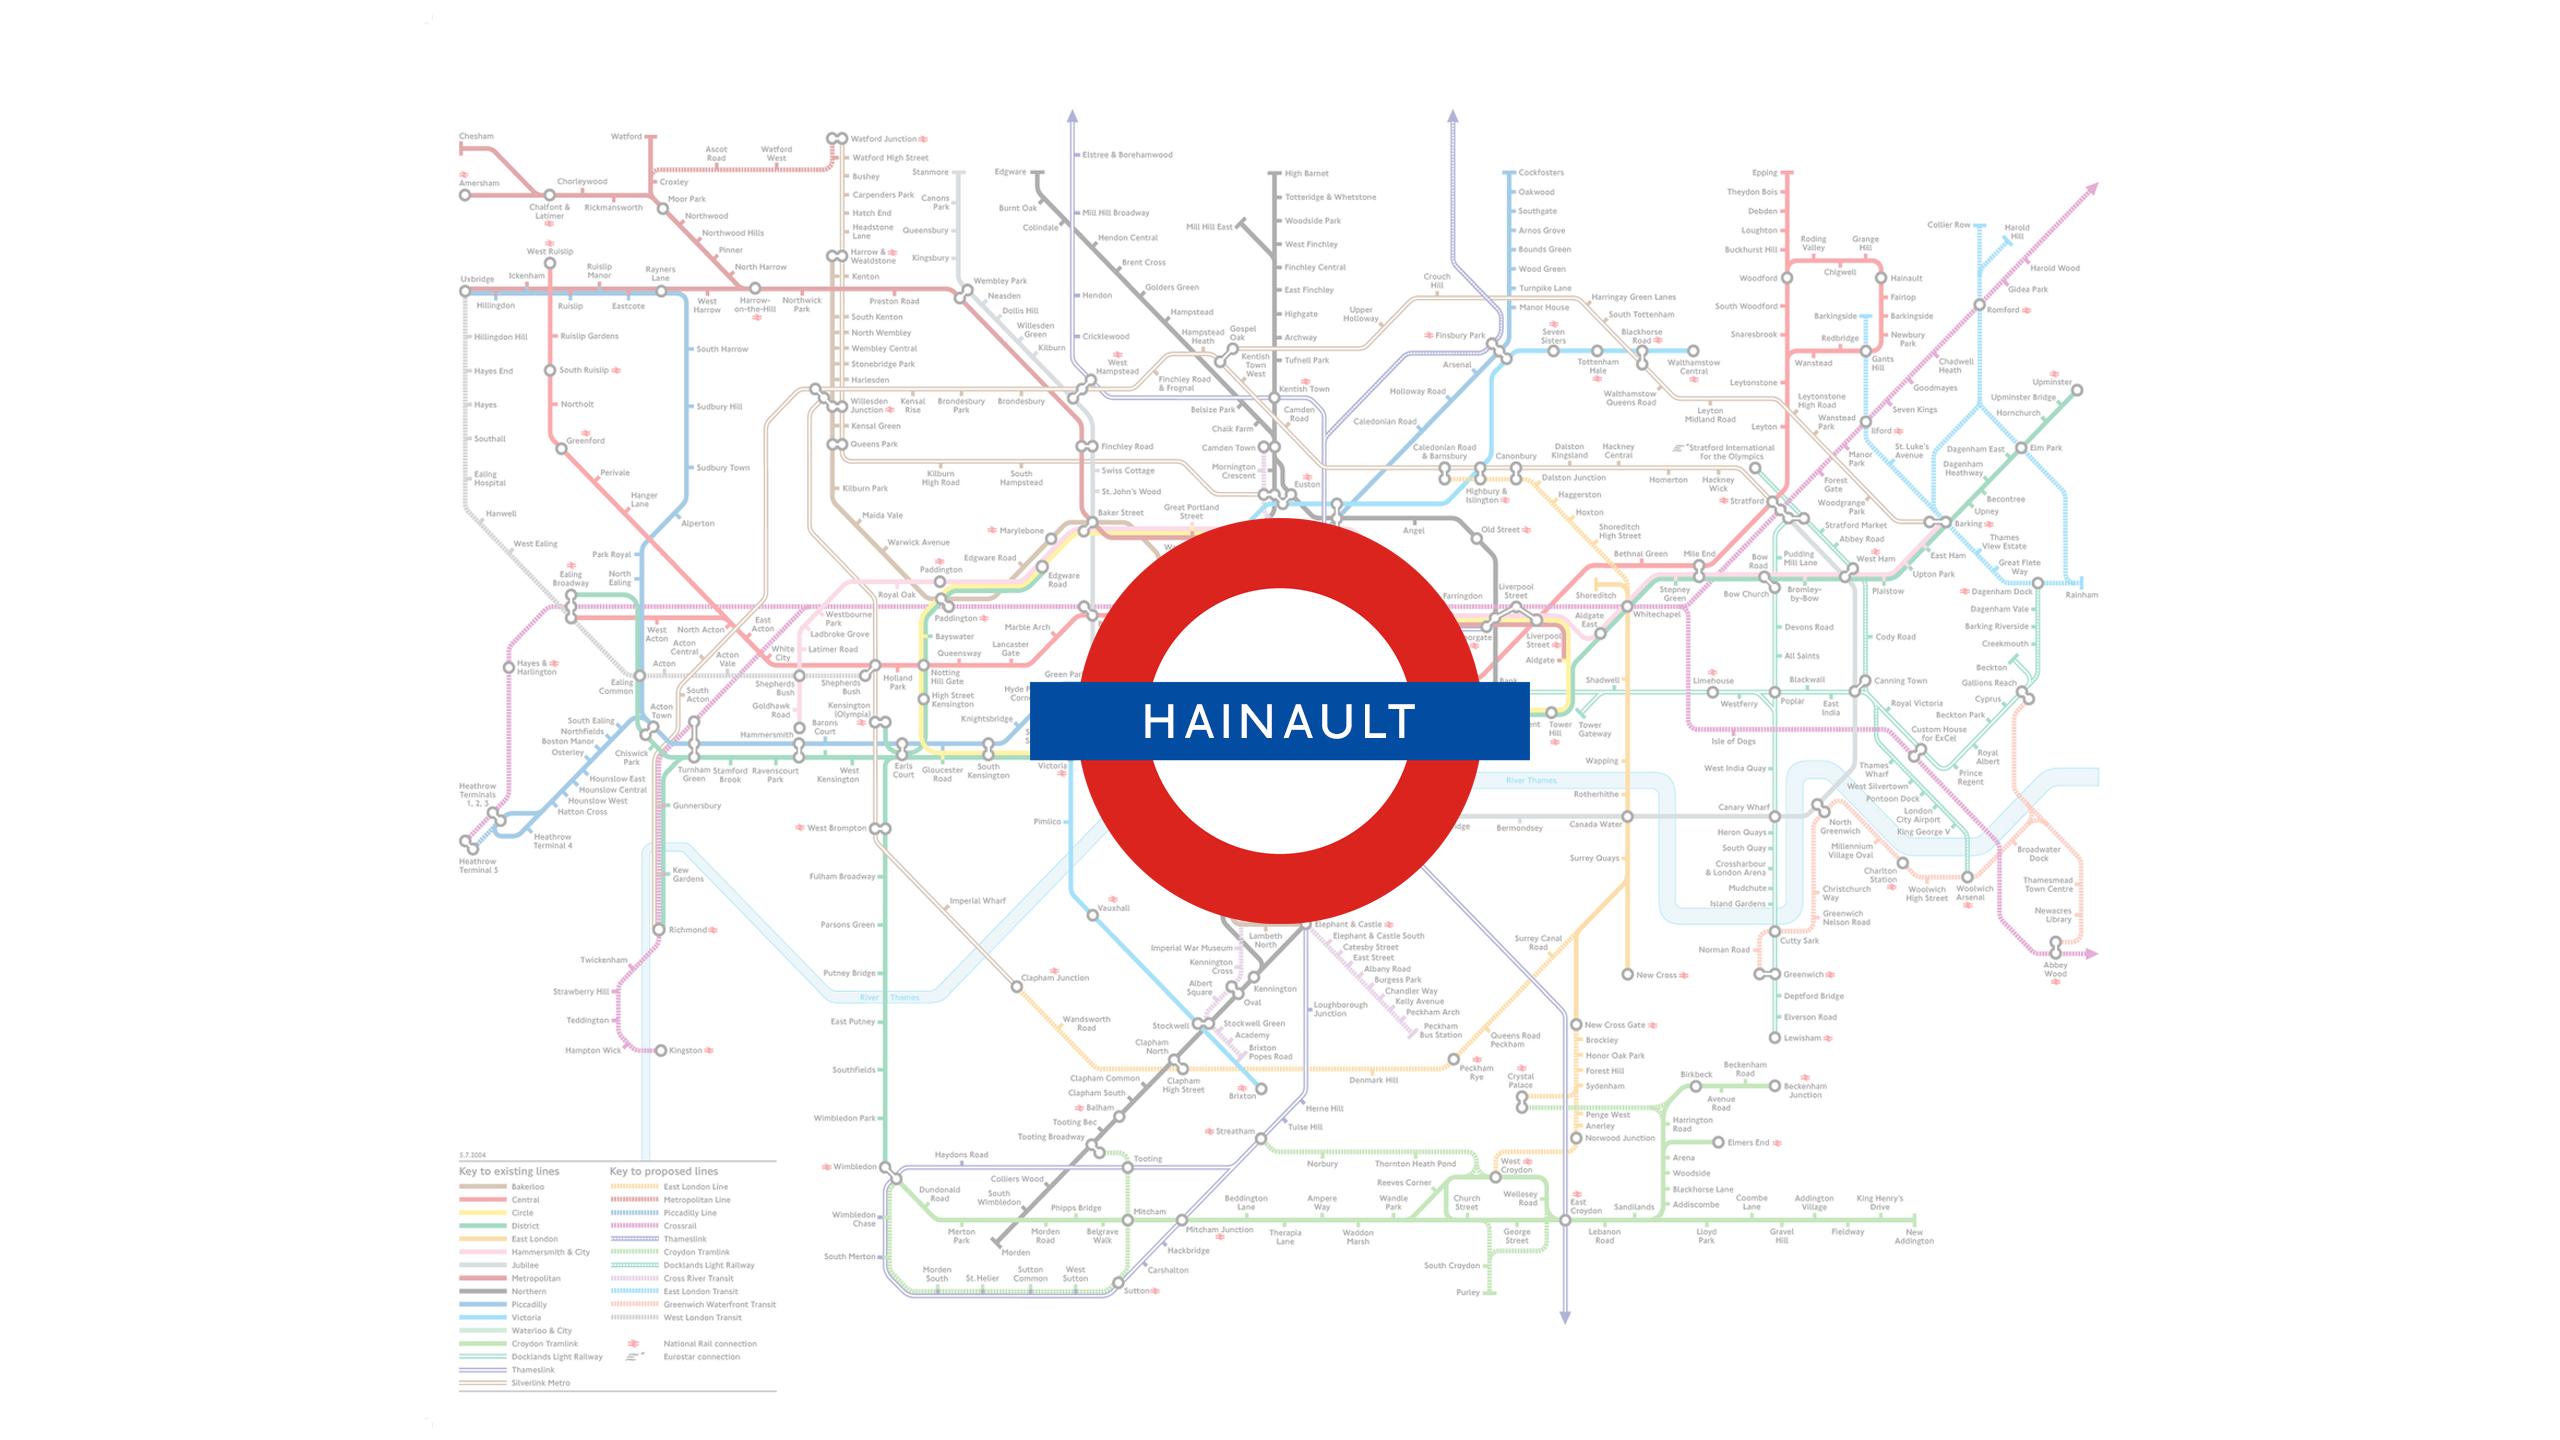 Hainault (Map)